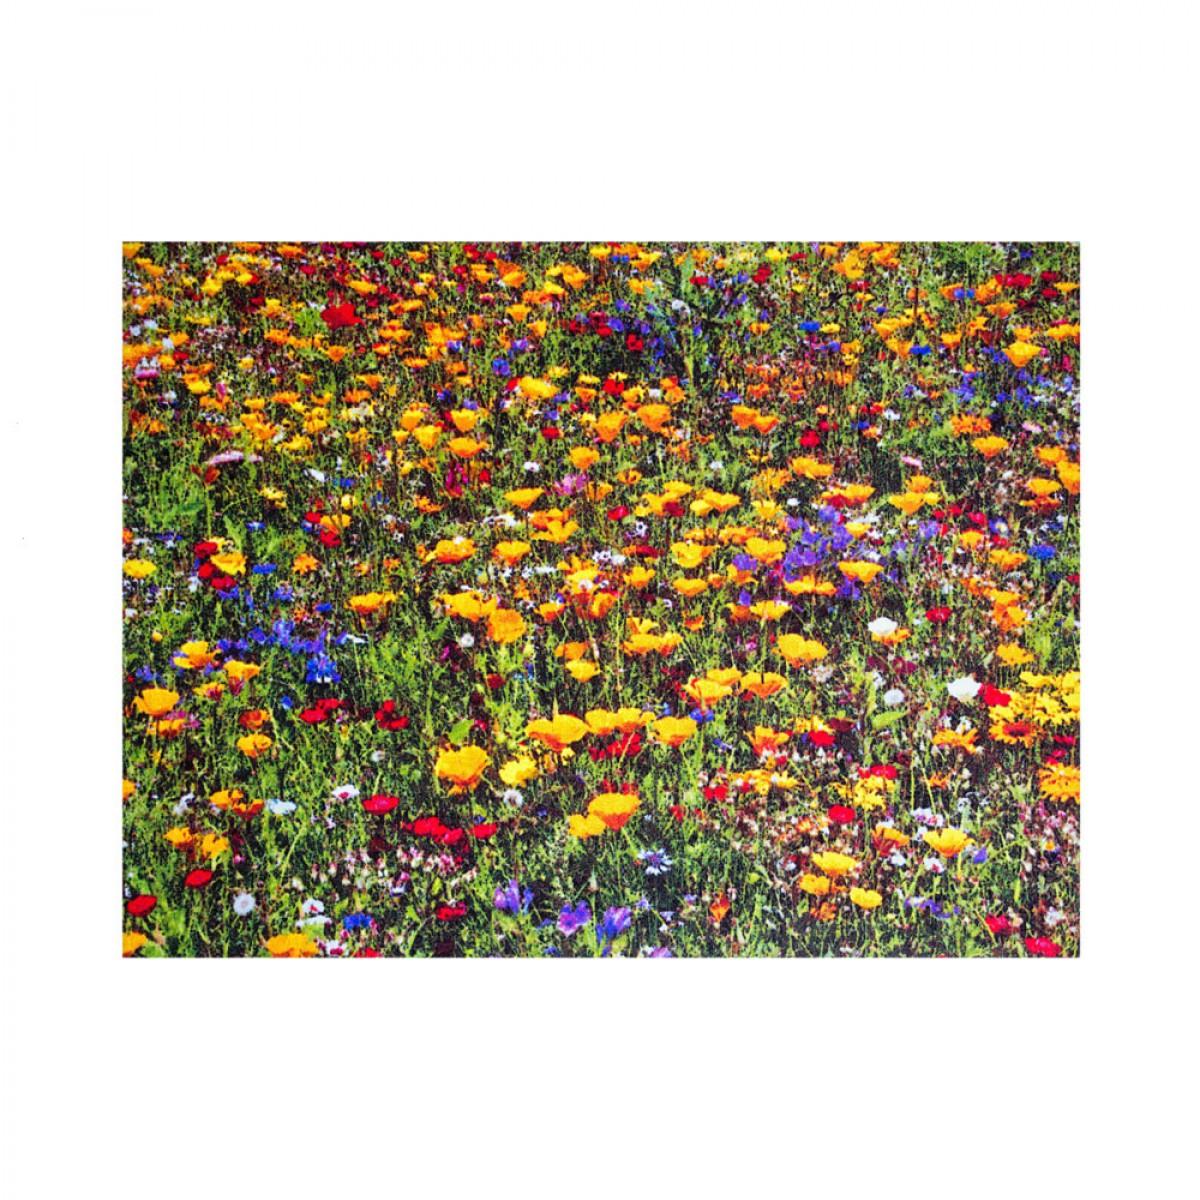 Kinderteppich blumenwiese  Sun-&-Fun-Teppich Blumenwiese Premium kaufen - verschiedene Größen ...